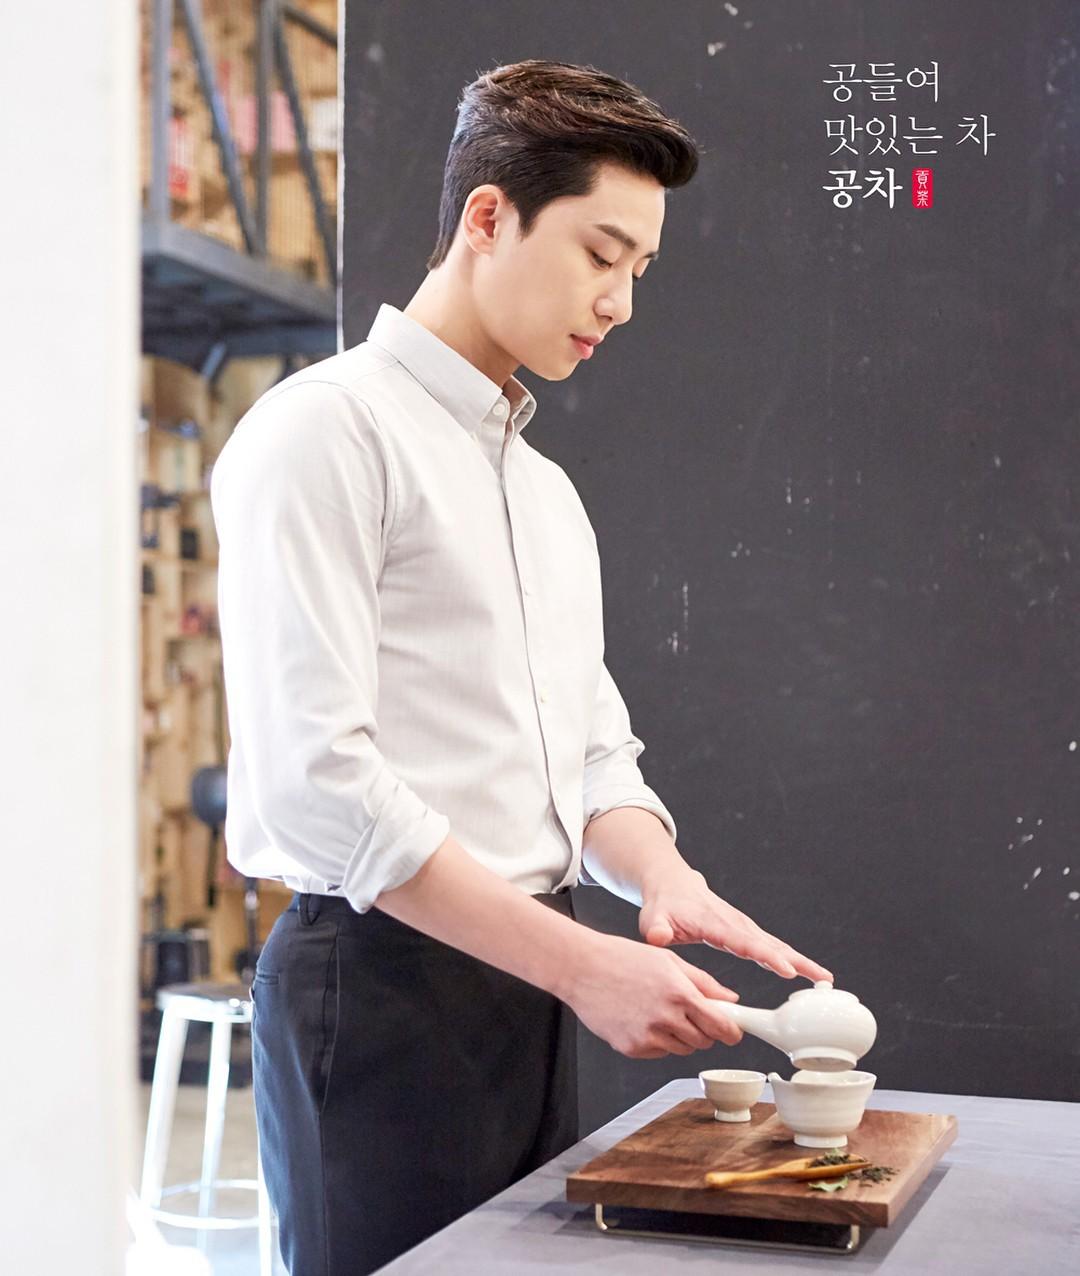 Park Seo Joon - nam thần không chỉ điển trai mà còn mặc đẹp từ phim đến đời thực - Ảnh 16.